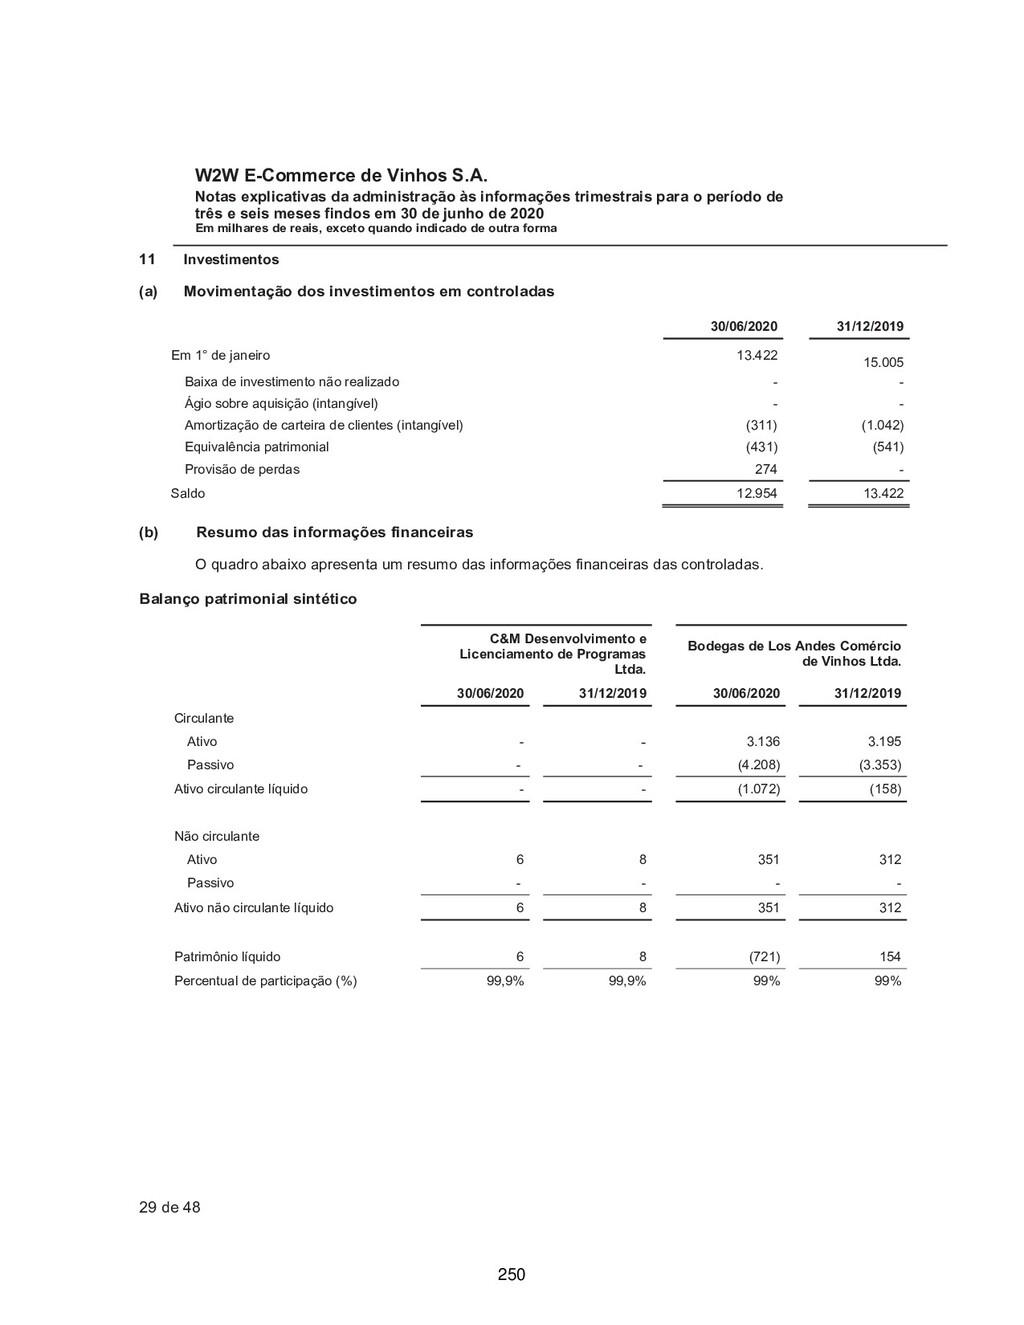 W2W E-Commerce de Vinhos S.A. Notas explicativa...